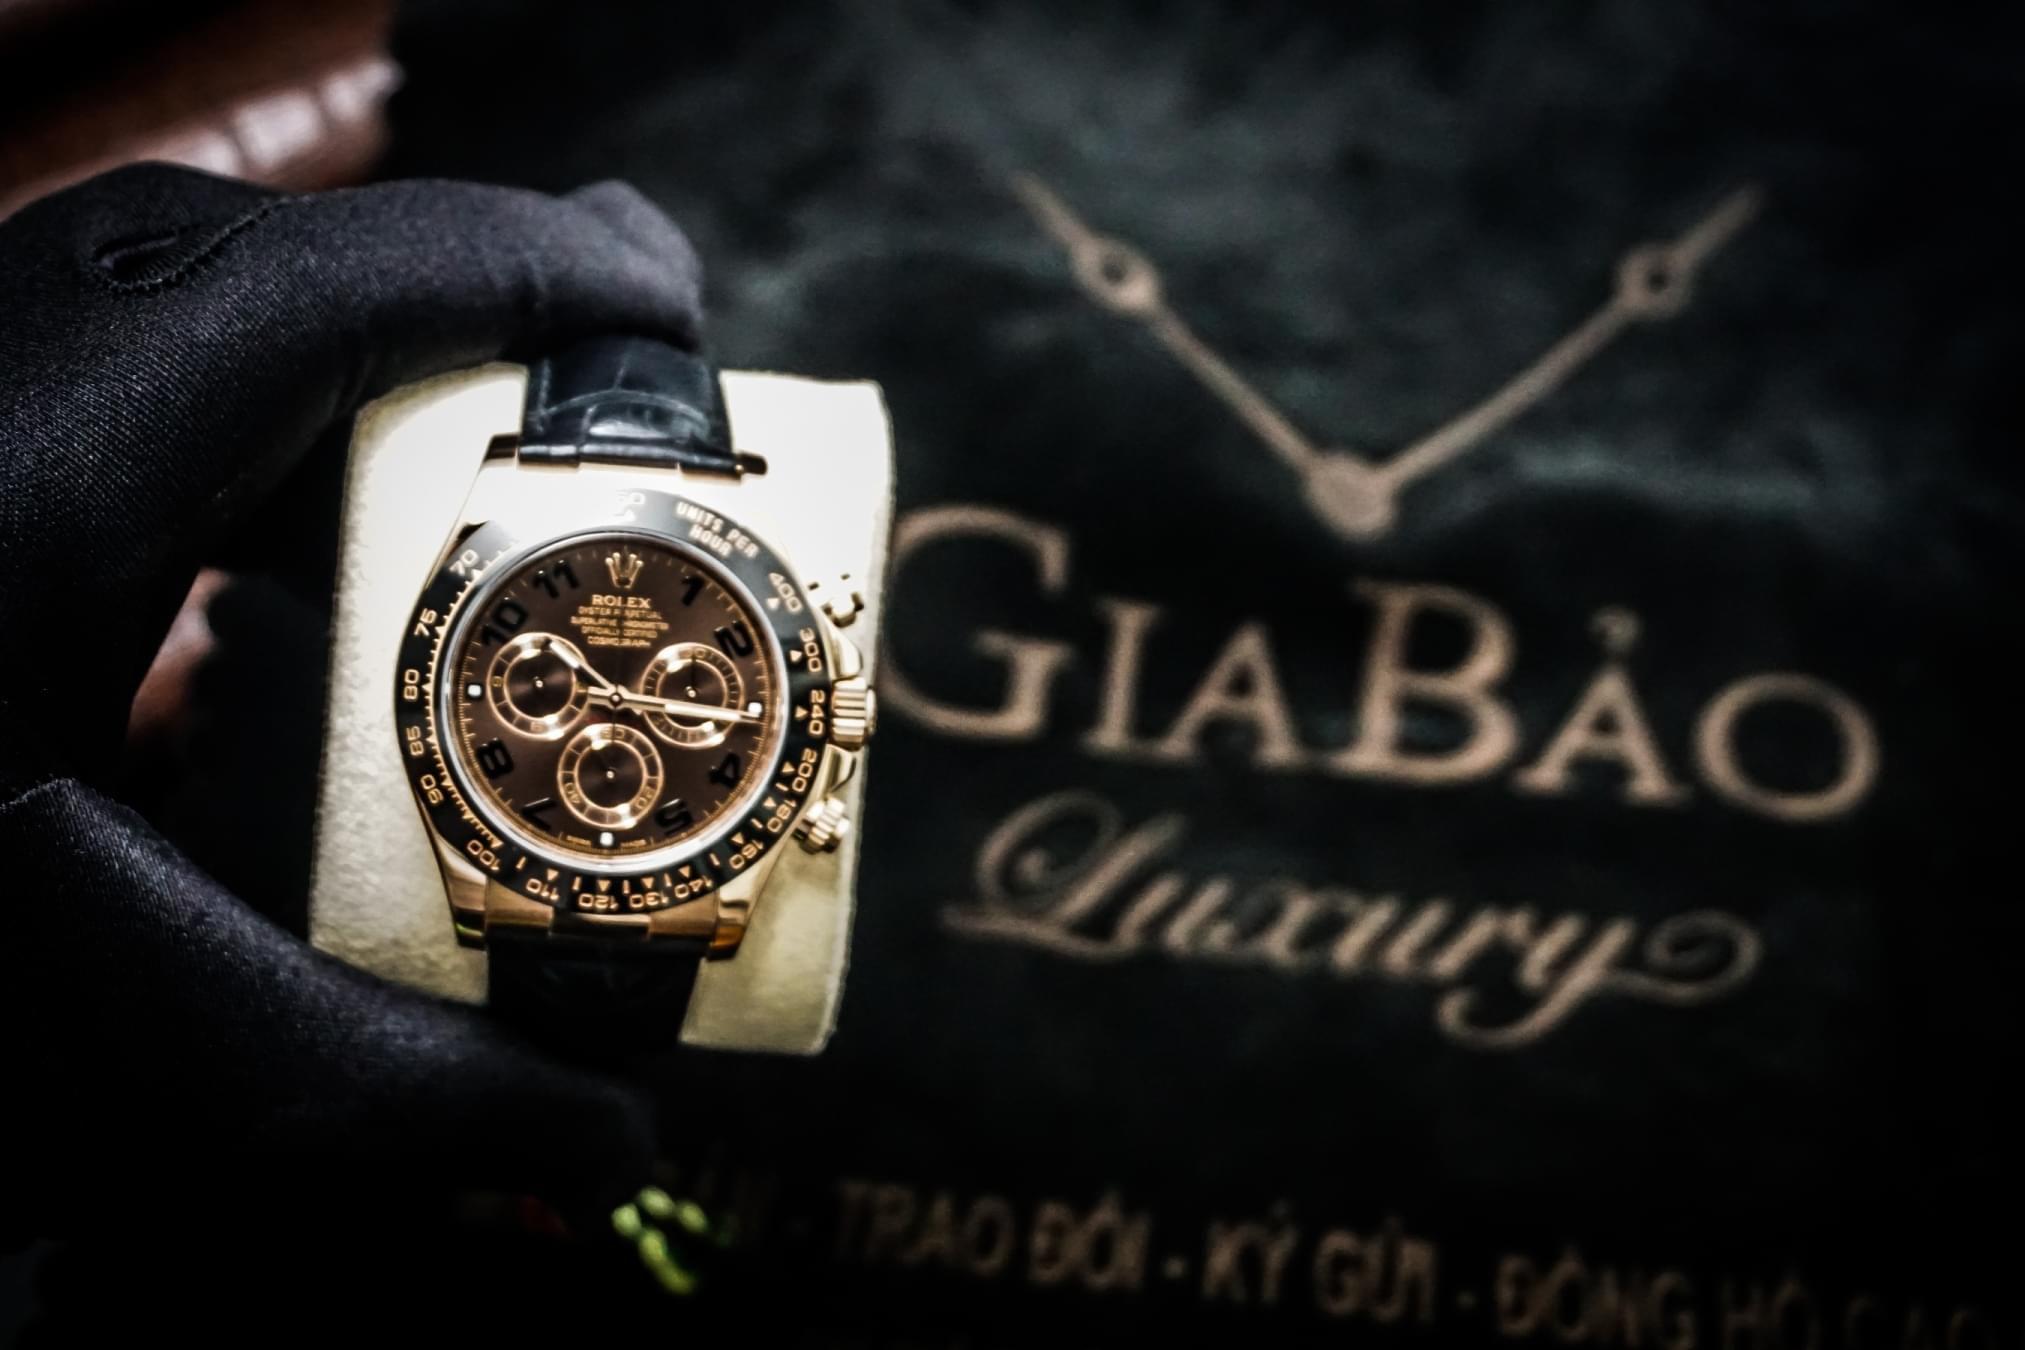 Gia Bảo Luxury - Đơn vị kinh doanh đồng hồ Rolex  Cosmograph Daytona 116515  chính hãng hàng đầu Việt Nam